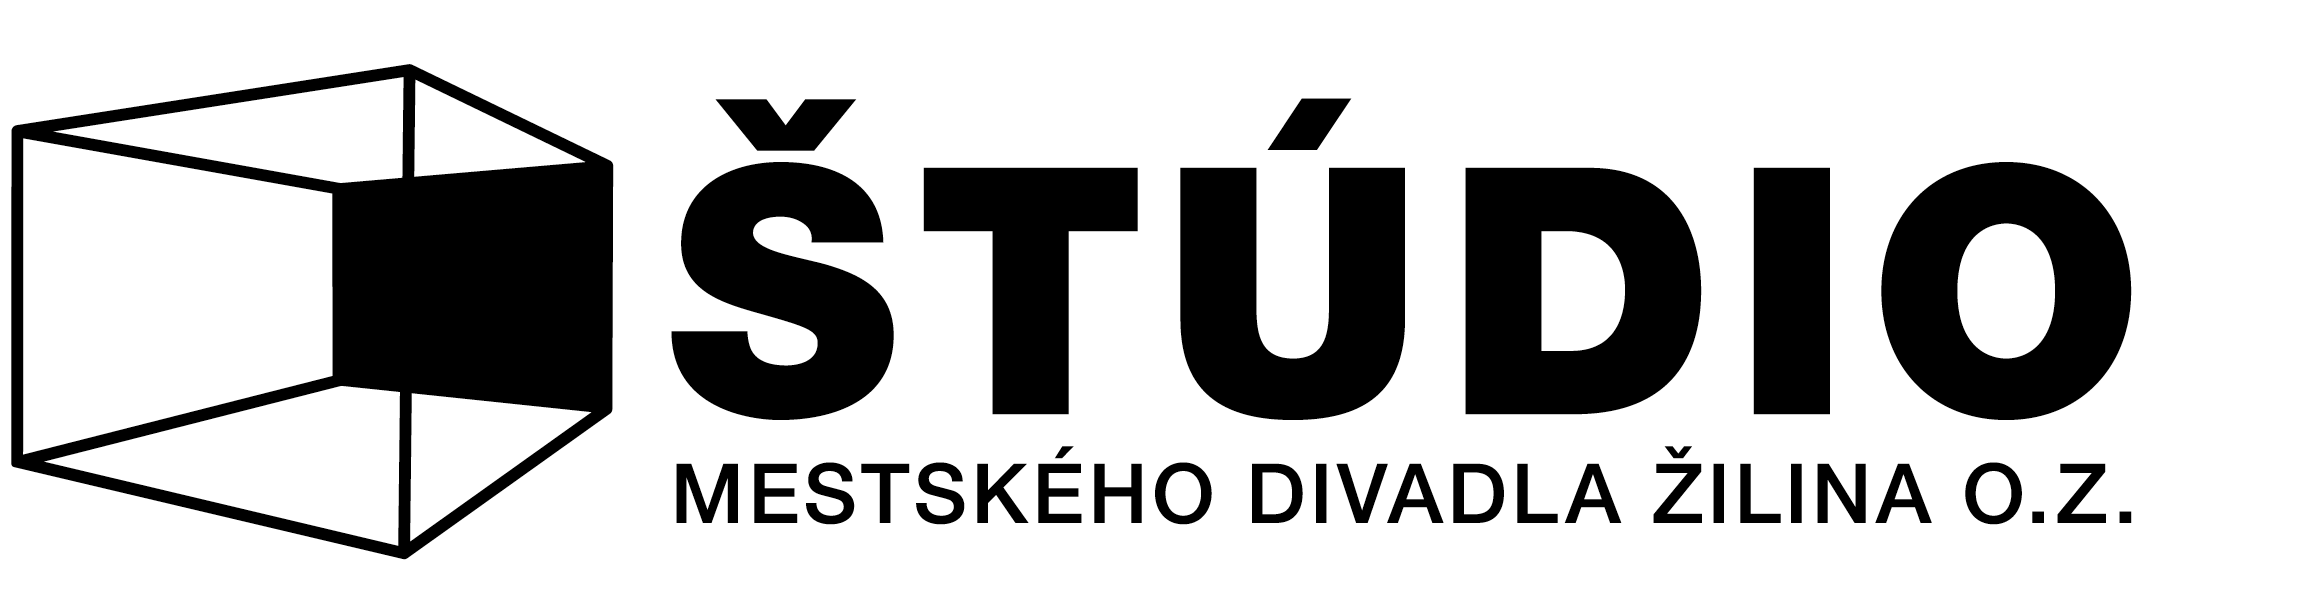 Štúdio mestského divadla Žilina O.Z.